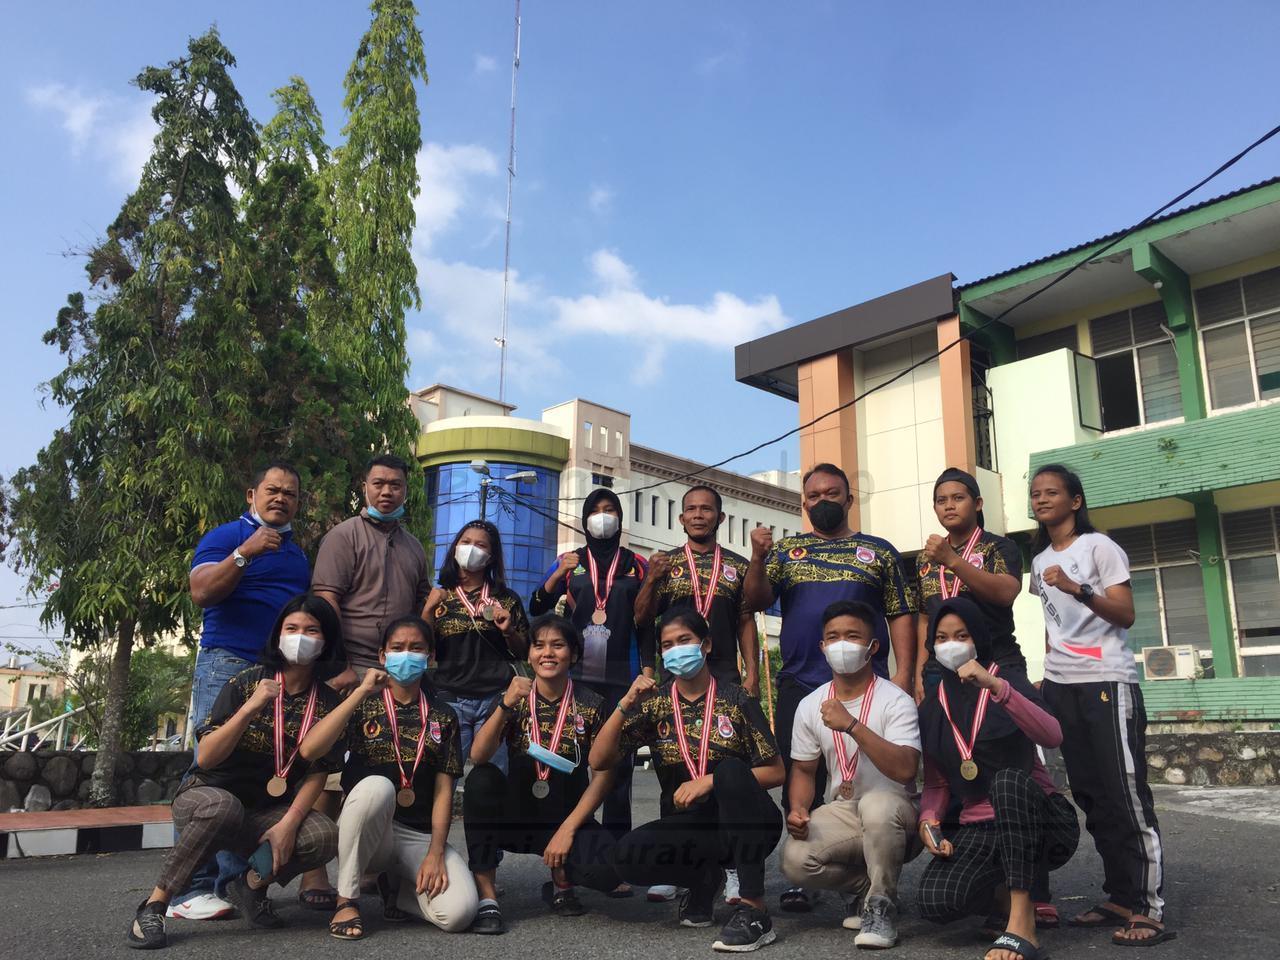 Pabbsi Tebing Tinggi Sabet 12 Medali di Medan Open Turnamen 2021 5 IMG 20210301 WA0083